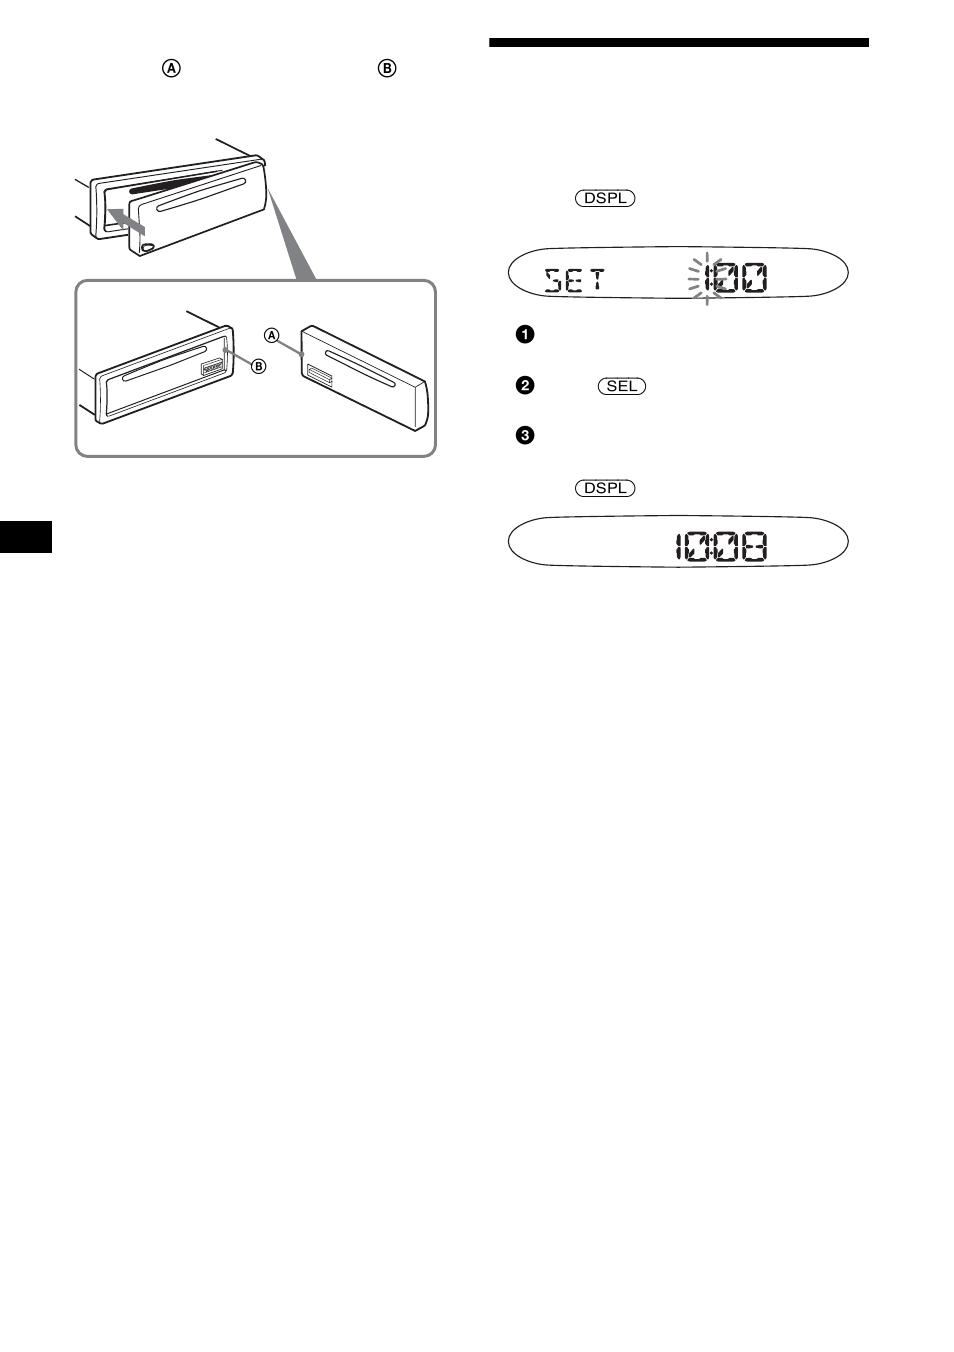 Sony Xplod Cdx Sw200 Wiring Diagram